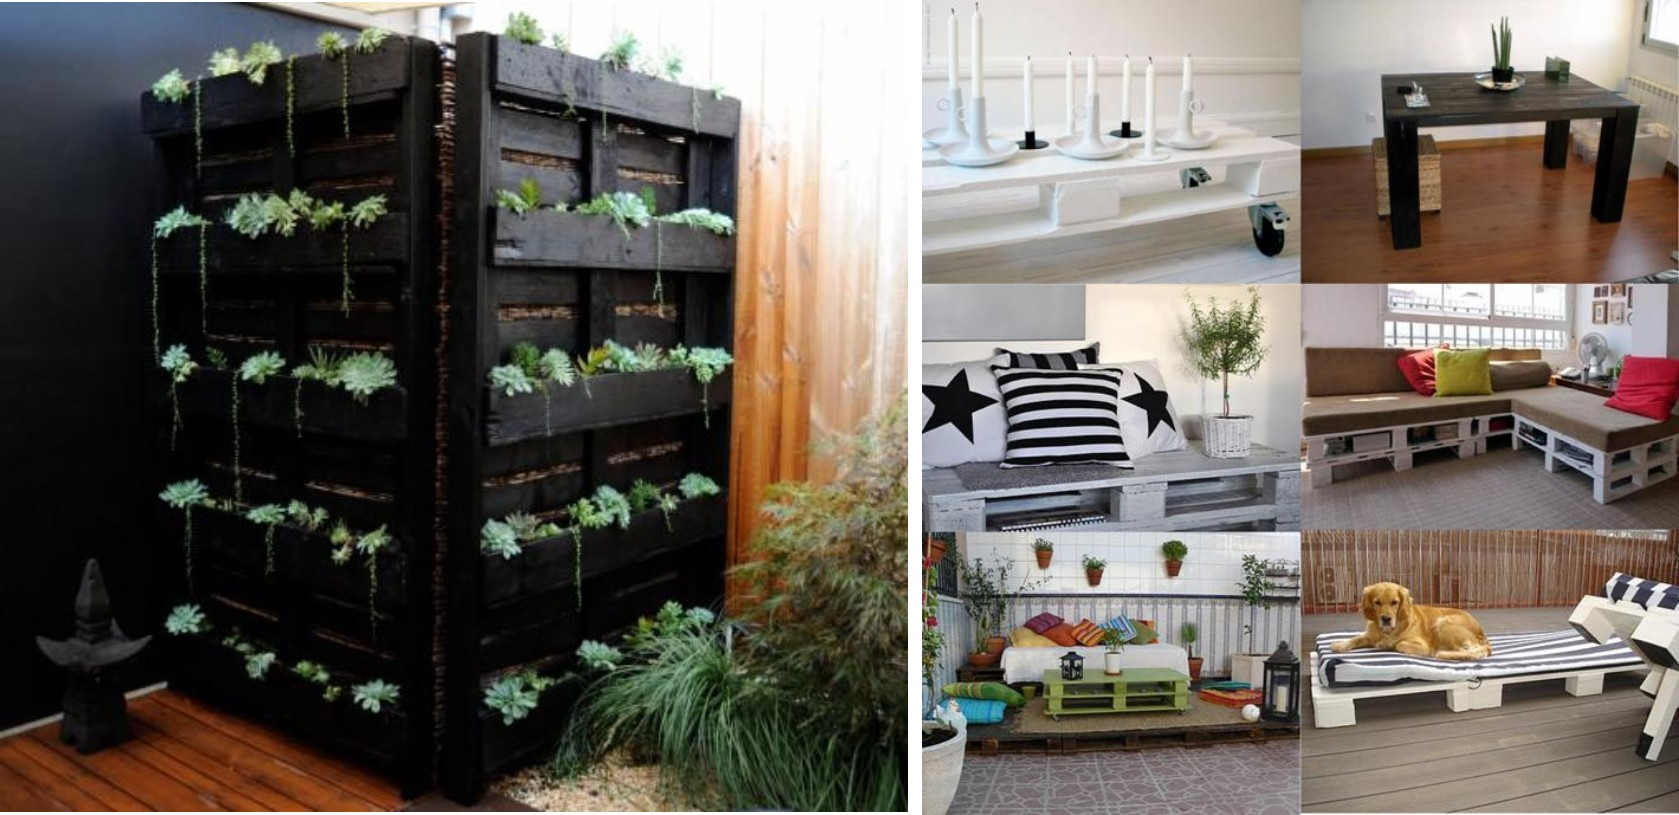 Crear muebles con palets reciclados for Muebles jardin madera palet